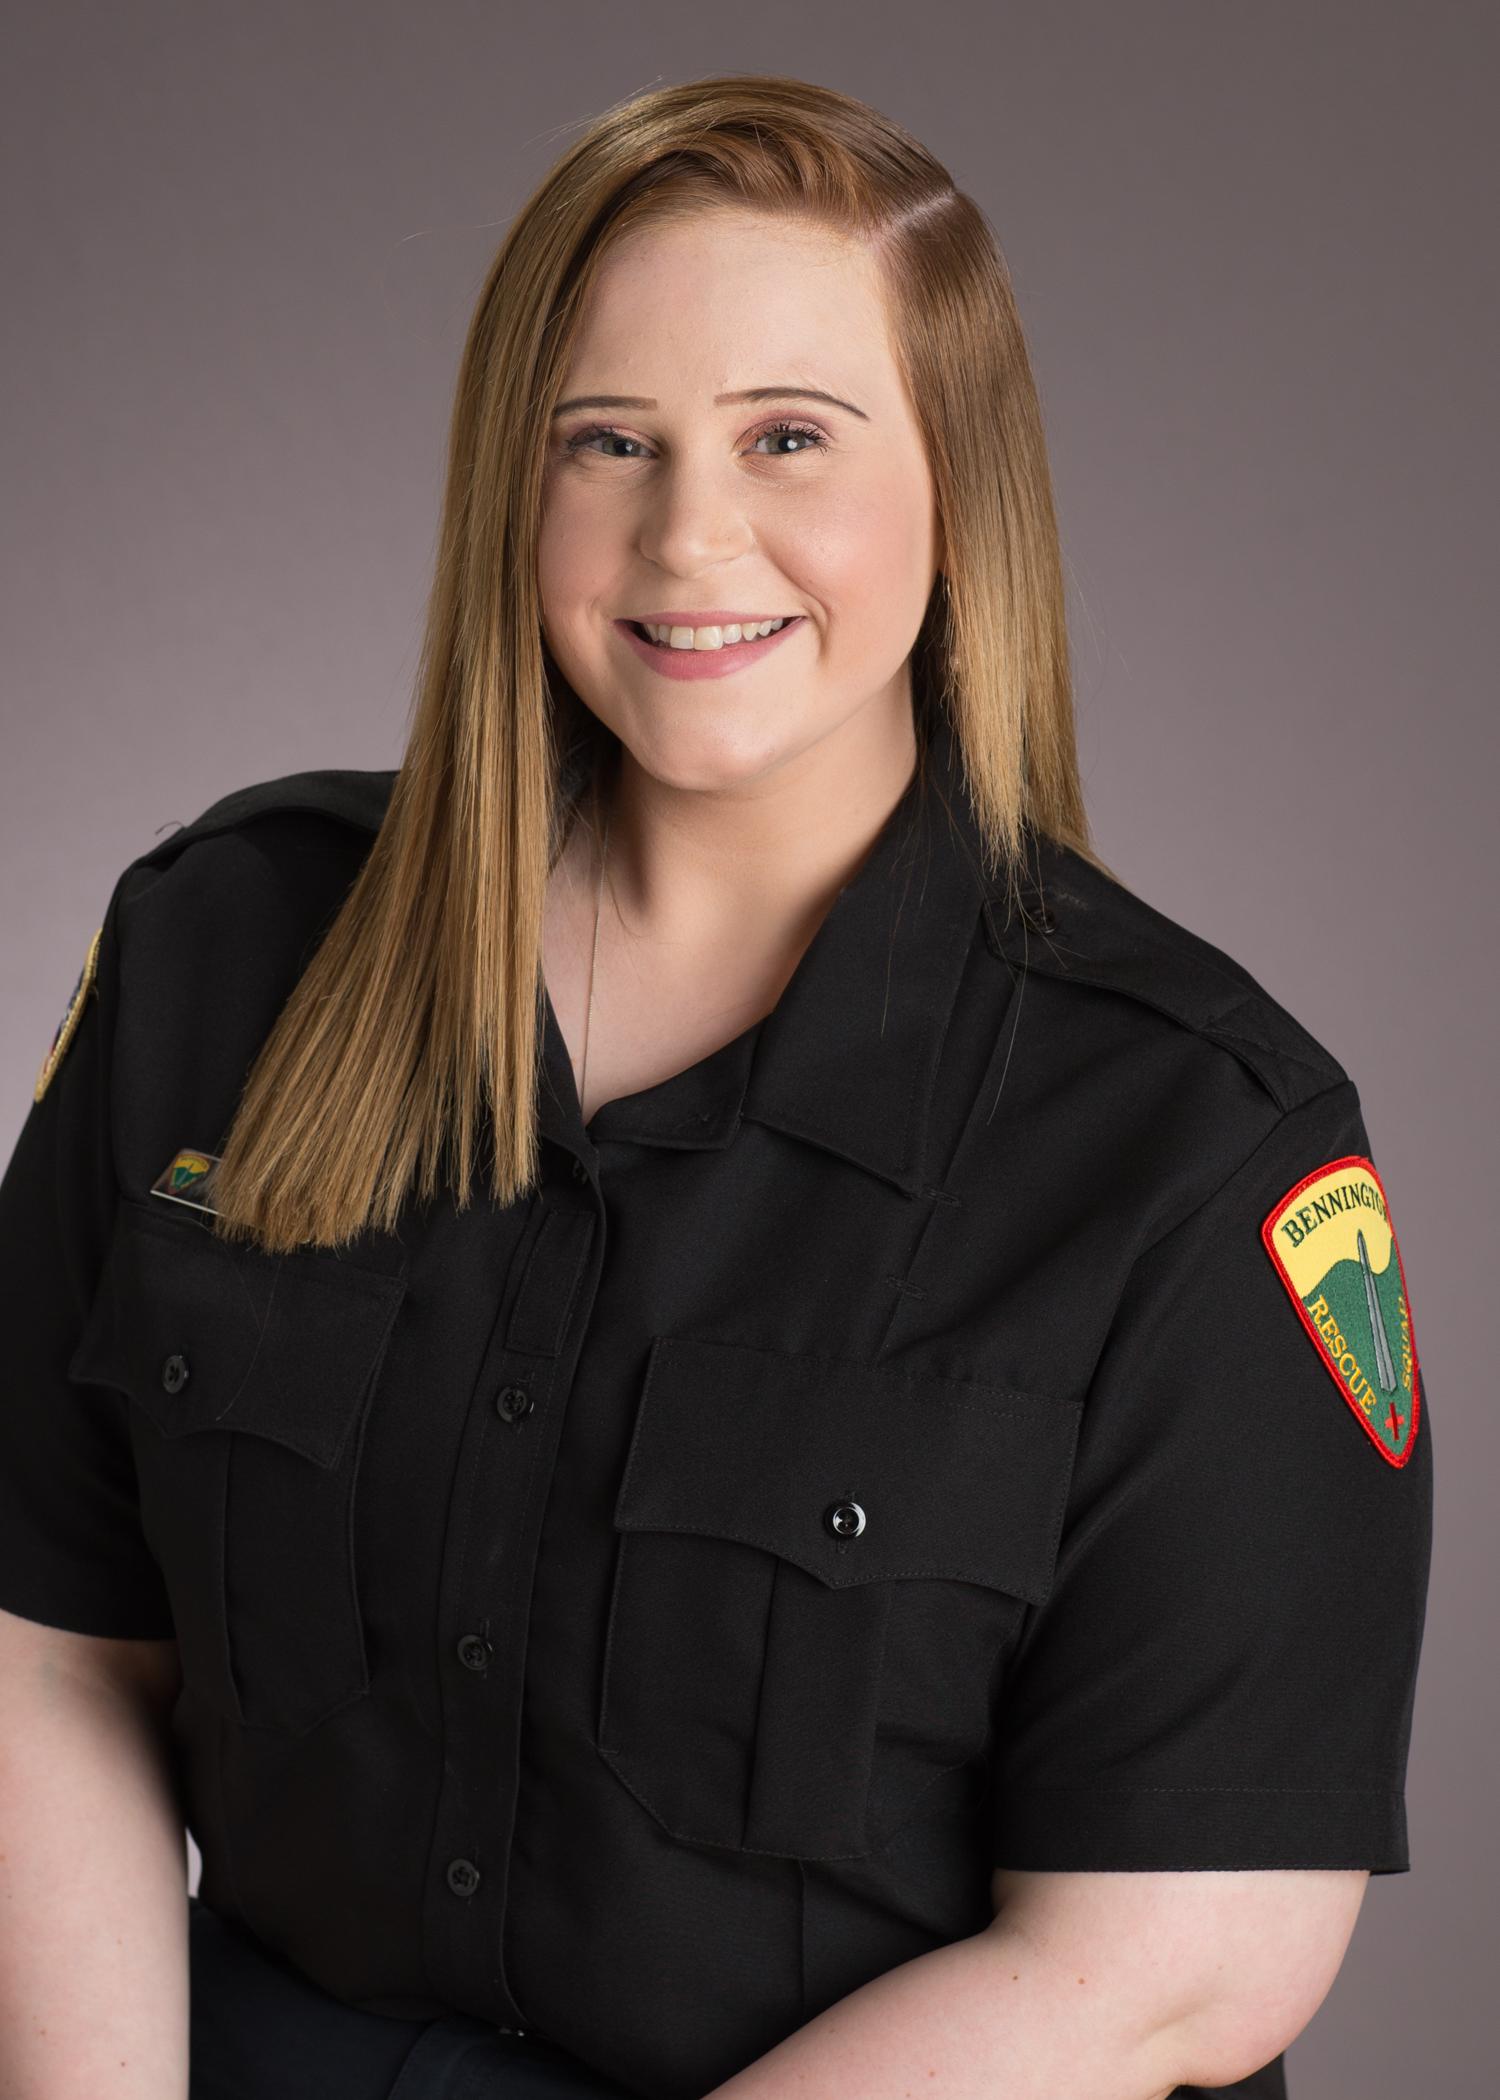 Anne Jackson, Apprentice EMT